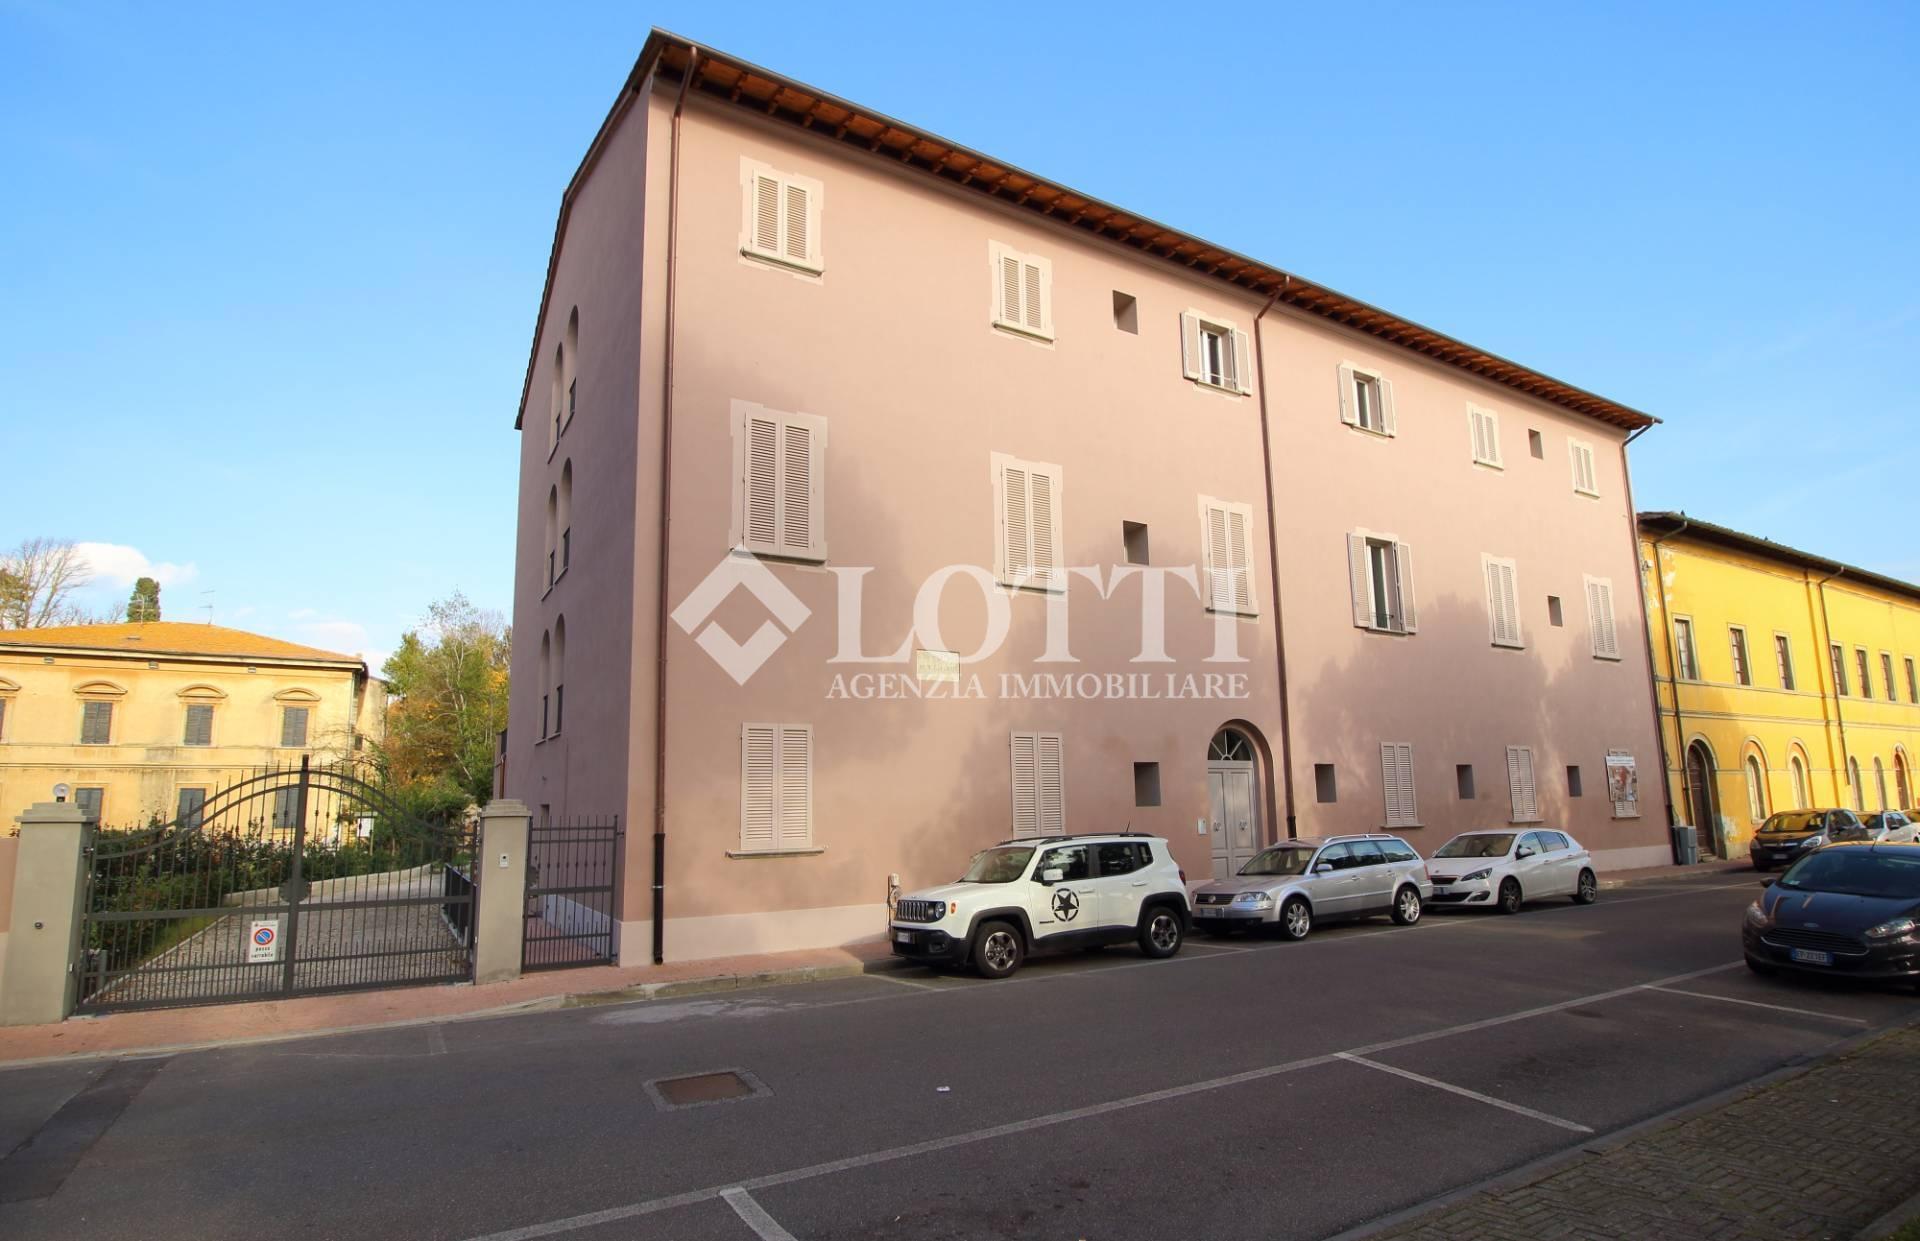 Appartamento in vendita, rif. 99-c